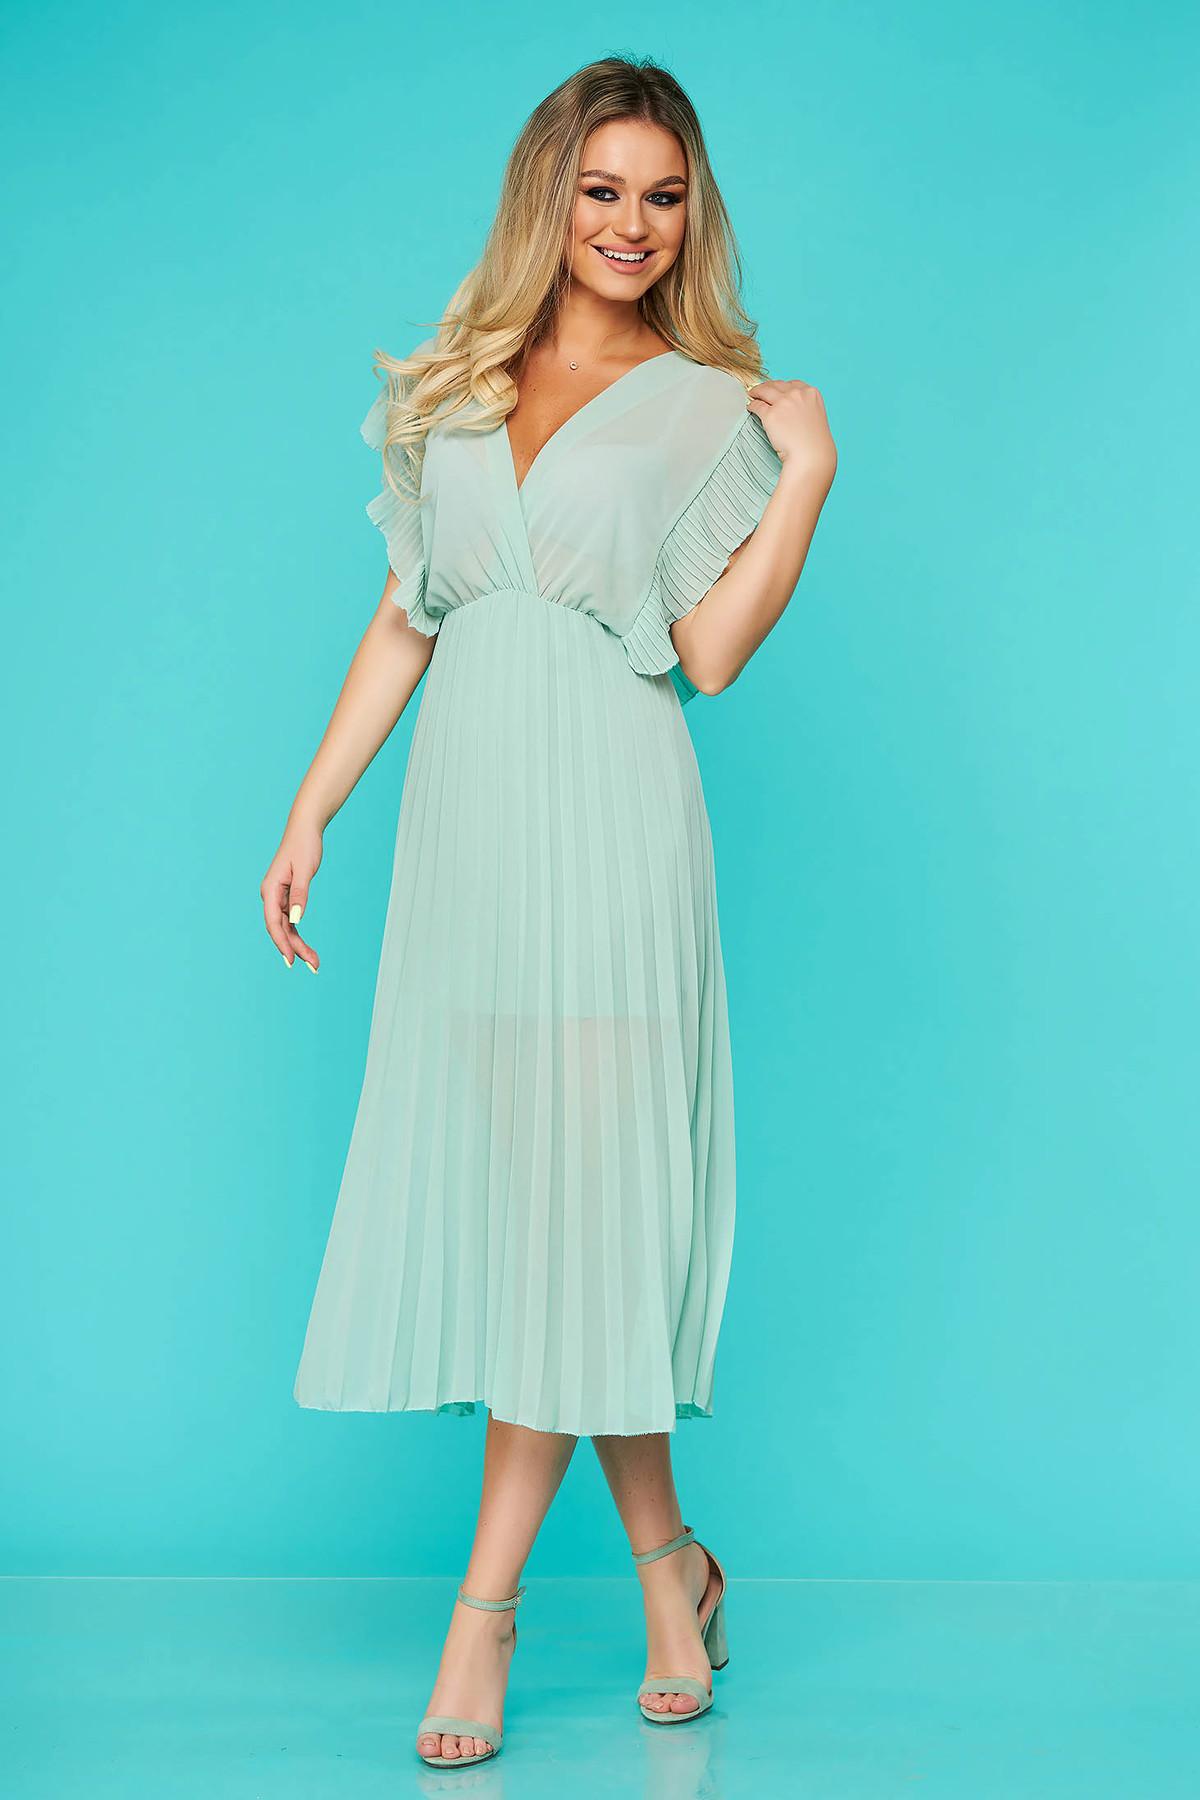 Rochie StarShinerS mint eleganta midi plisata cu decolteu in v din voal cu elastic in talie